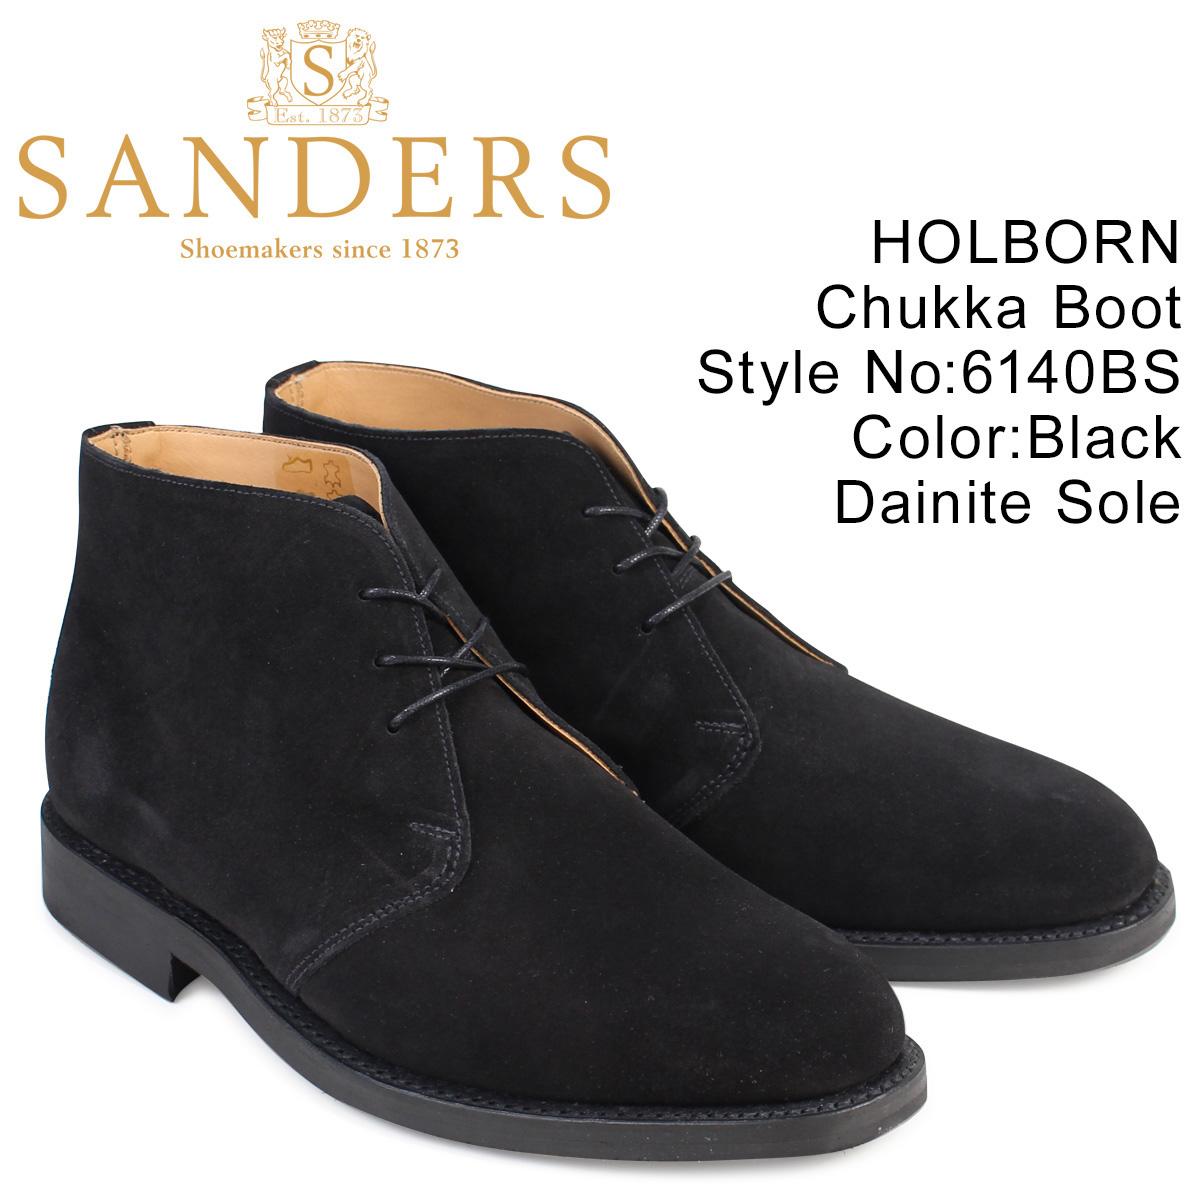 SANDERS HOLBORN サンダース 靴 ミリタリー チャッカブーツ ビジネス 6140BS メンズ ブラック